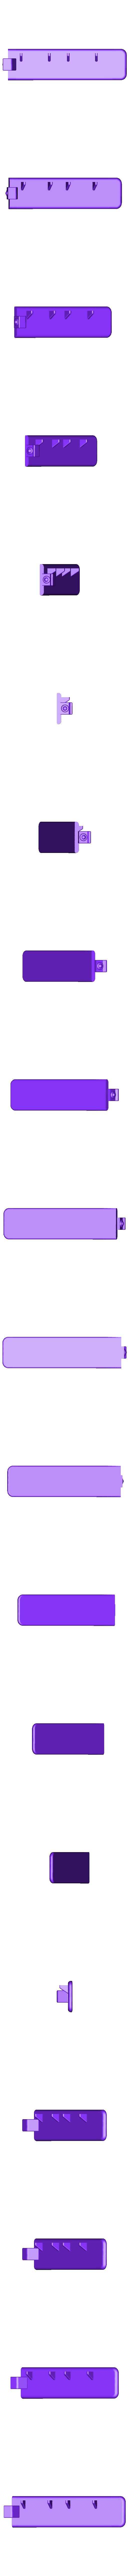 Back_Fender_Left.stl Télécharger fichier 3MF gratuit LIMACE MÉTALLIQUE - NOP-03 SARUBIE • Plan imprimable en 3D, FreeBug